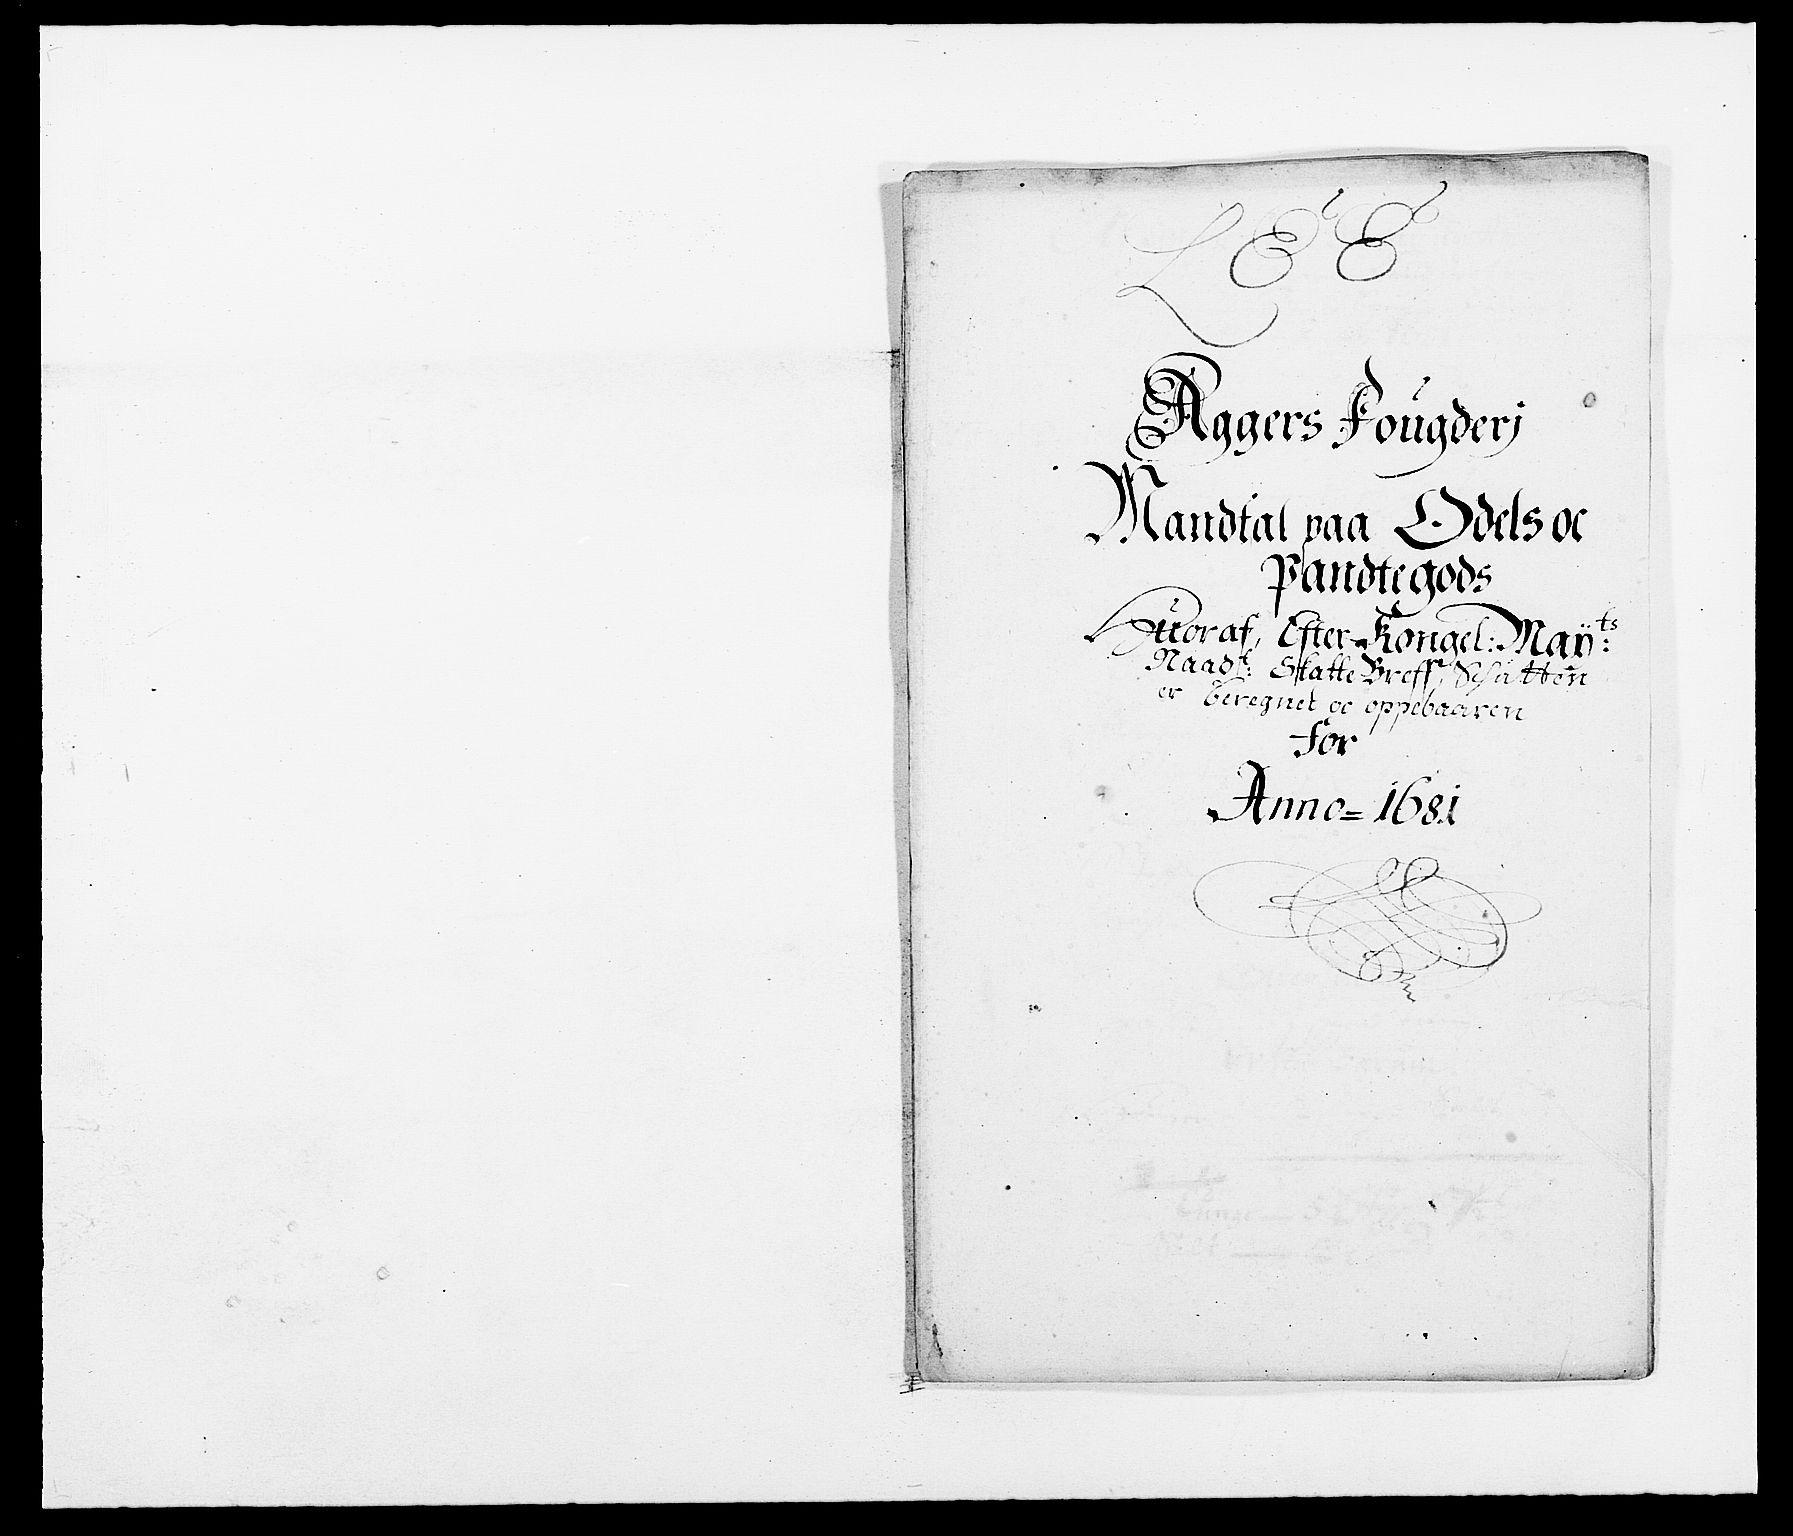 RA, Rentekammeret inntil 1814, Reviderte regnskaper, Fogderegnskap, R08/L0417: Fogderegnskap Aker, 1678-1681, s. 249